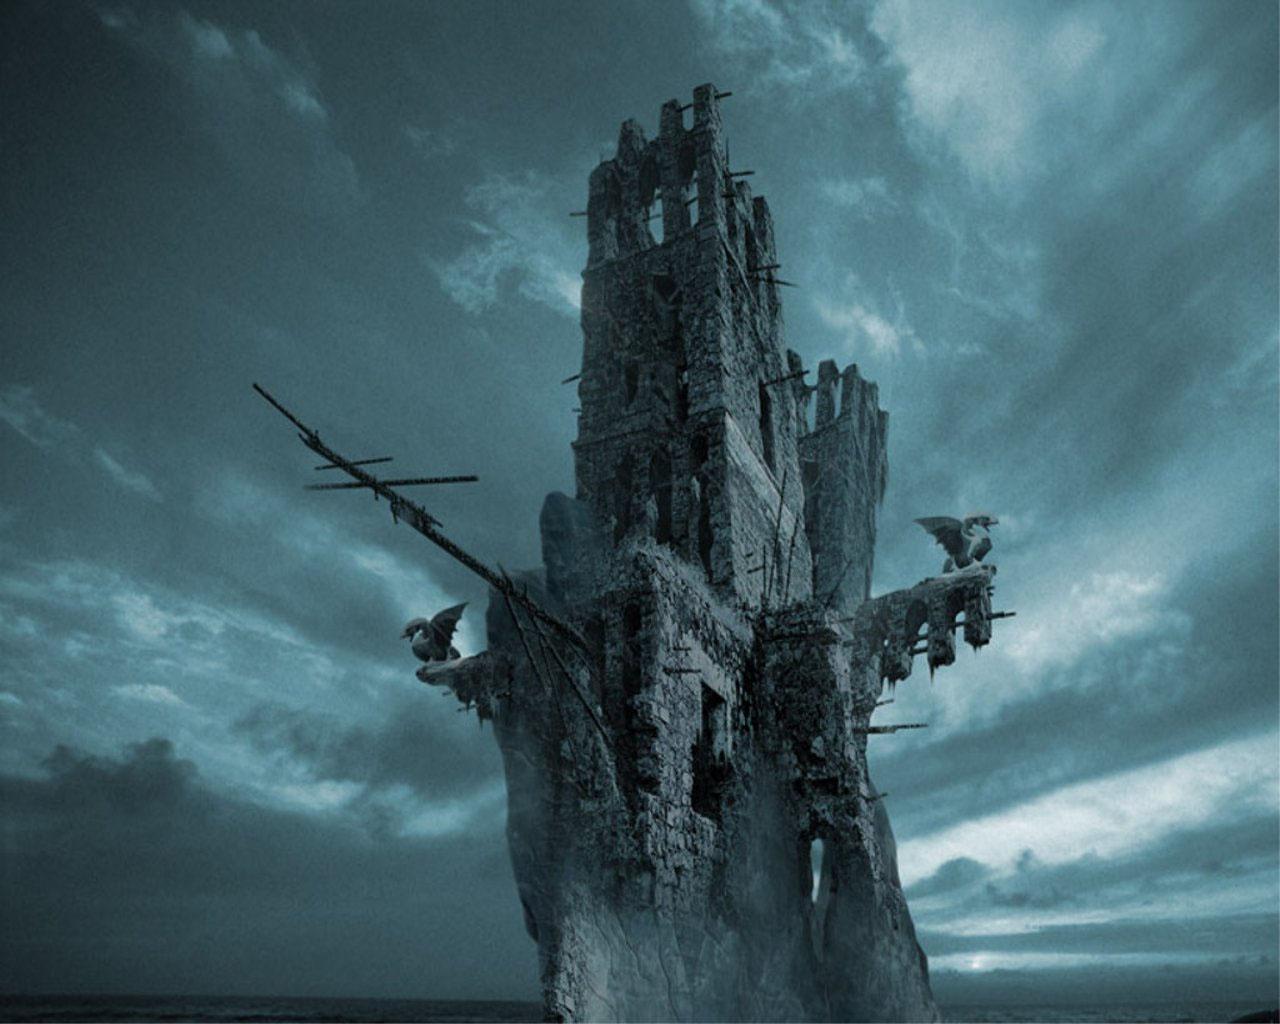 Sfondi fantasy grago e draghi sfondi desktop magia elfo for Sfondilandia mare